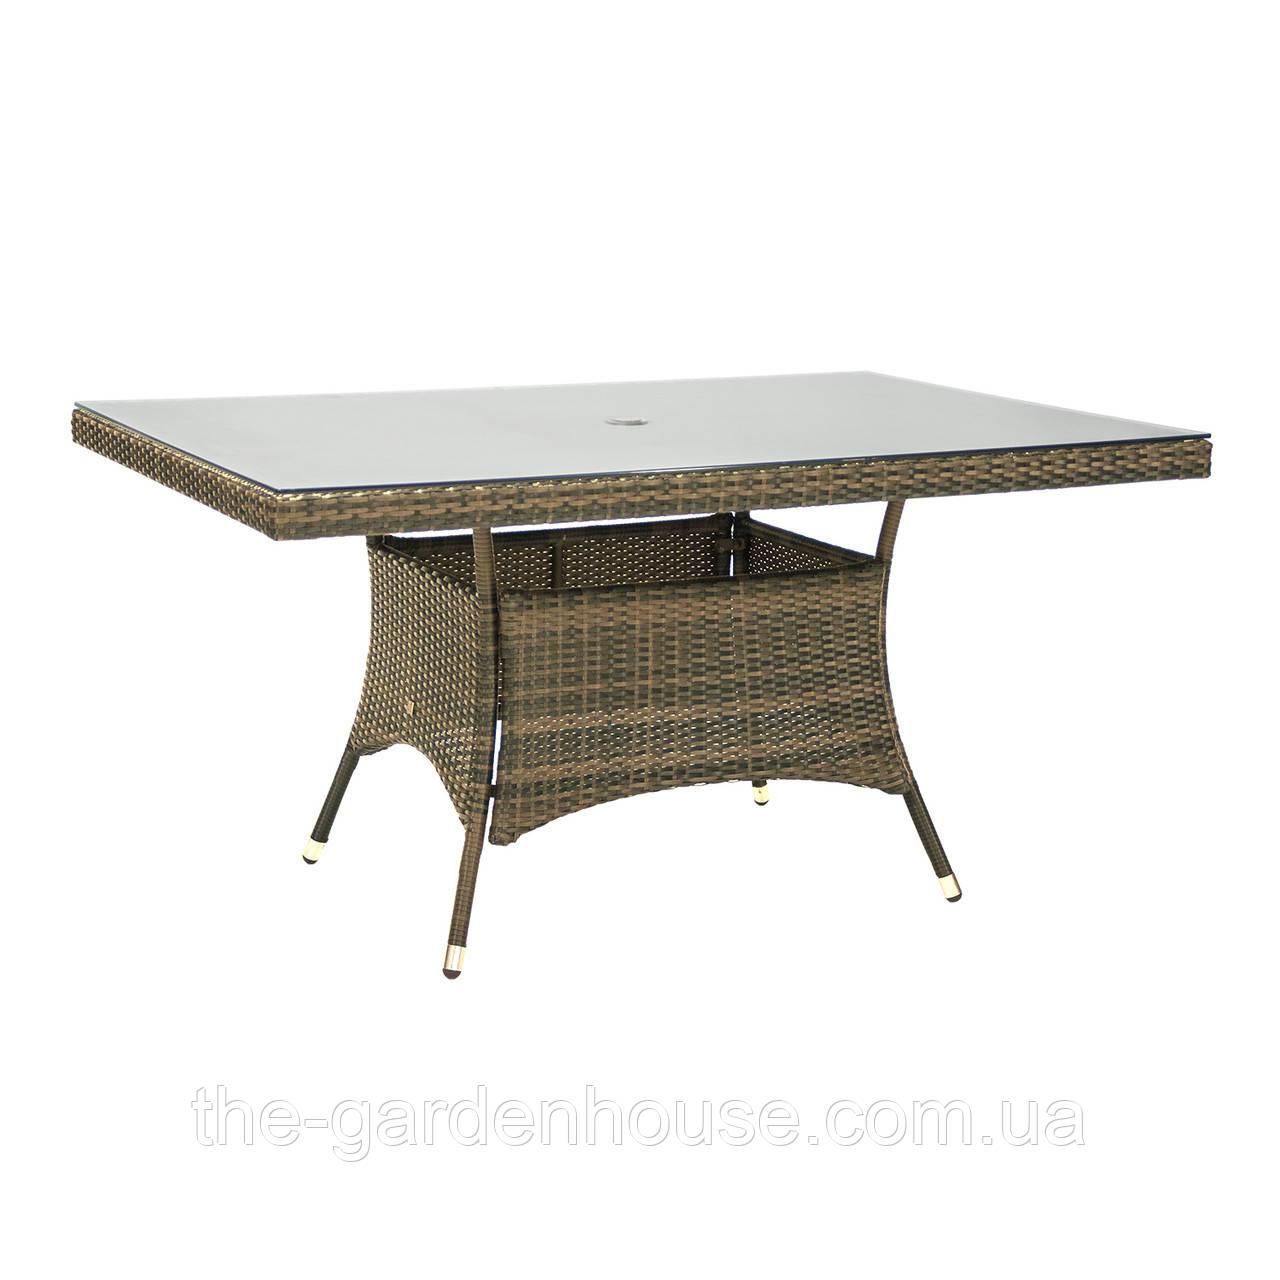 Обеденный стол Wicker из искусственного ротанга со стеклом 150x100 см капучино